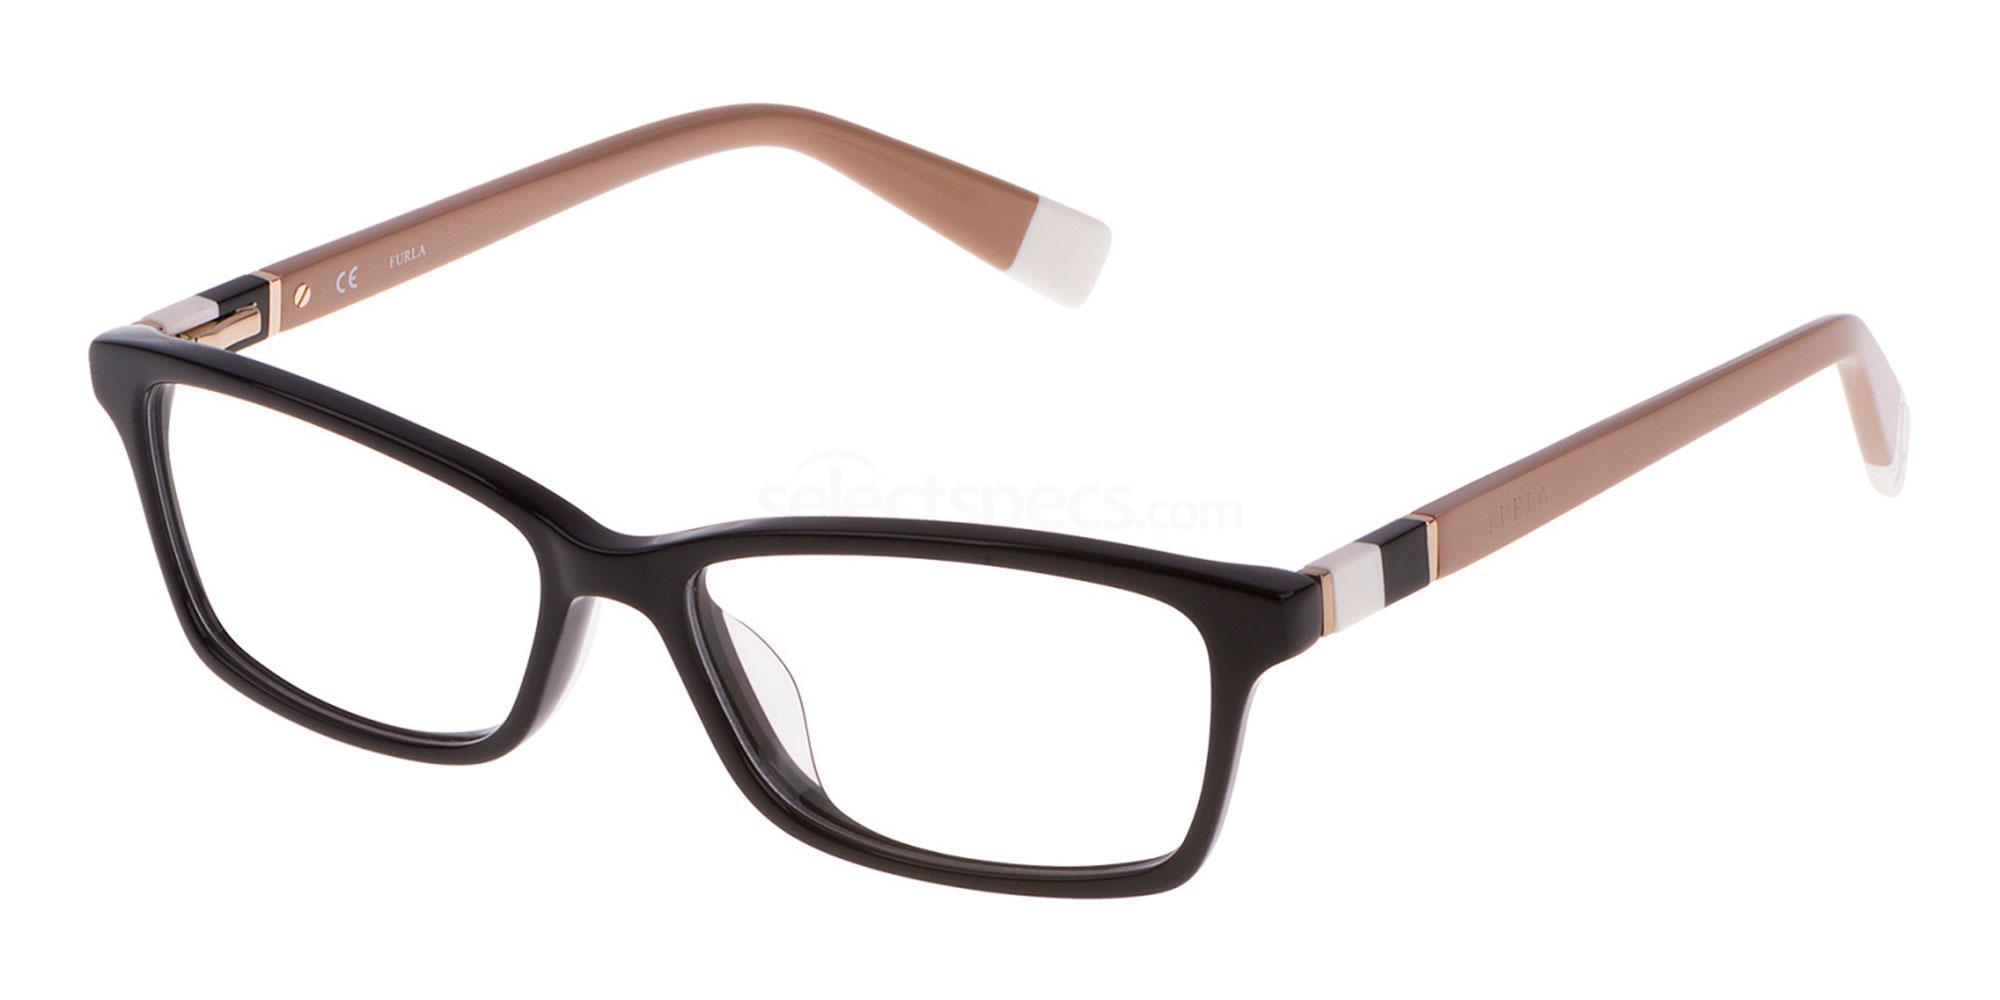 0700 VU4945 Glasses, Furla